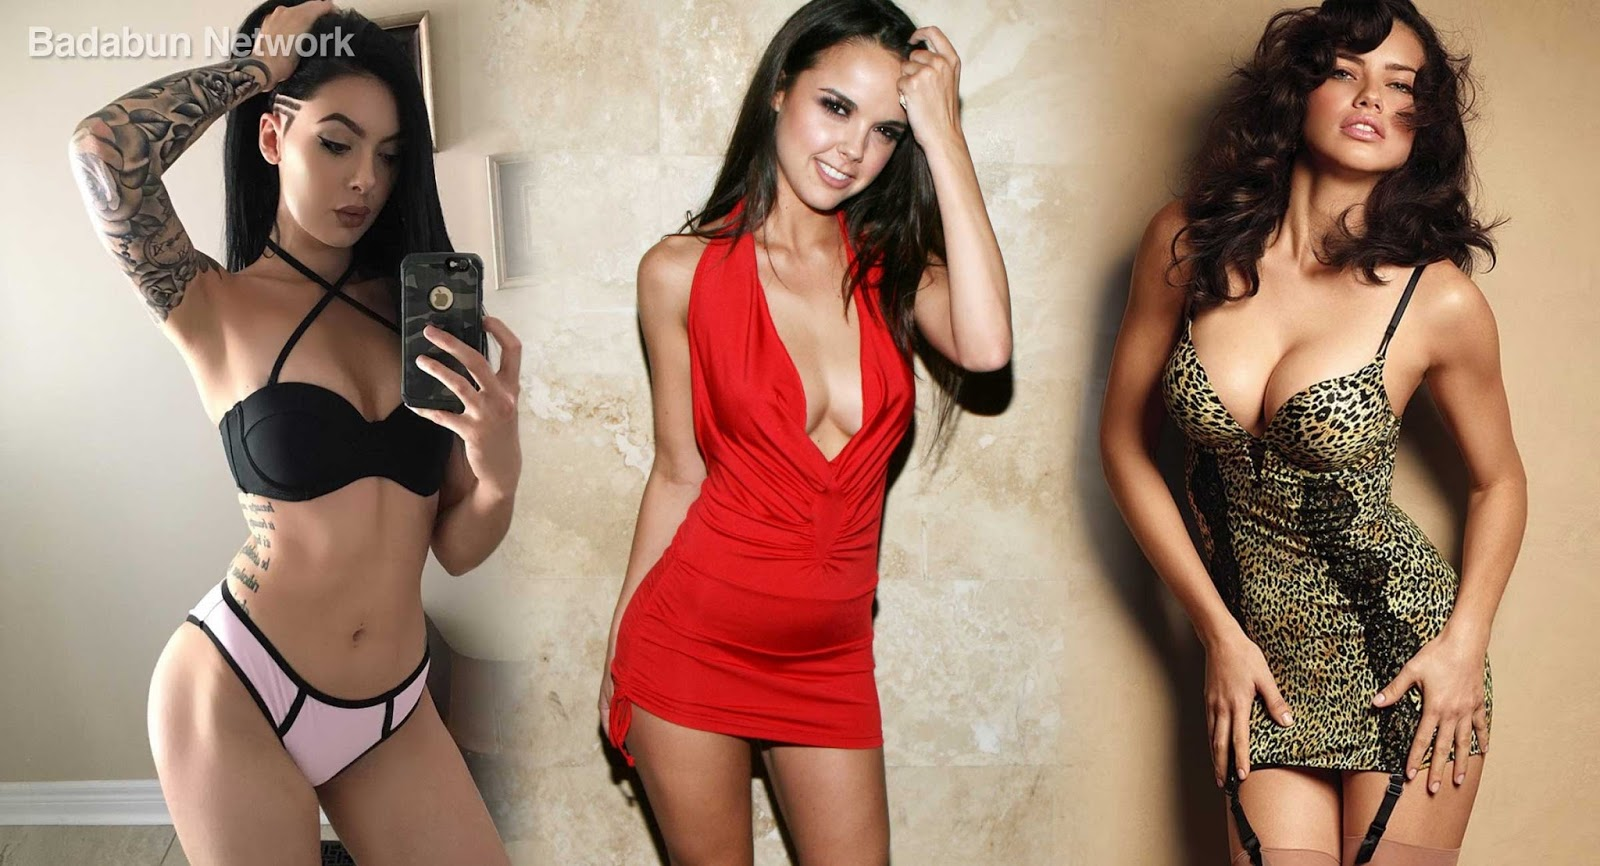 Mujeres Porno Mas Lindas antu network: las 20 actrices porno más deseadas del momento